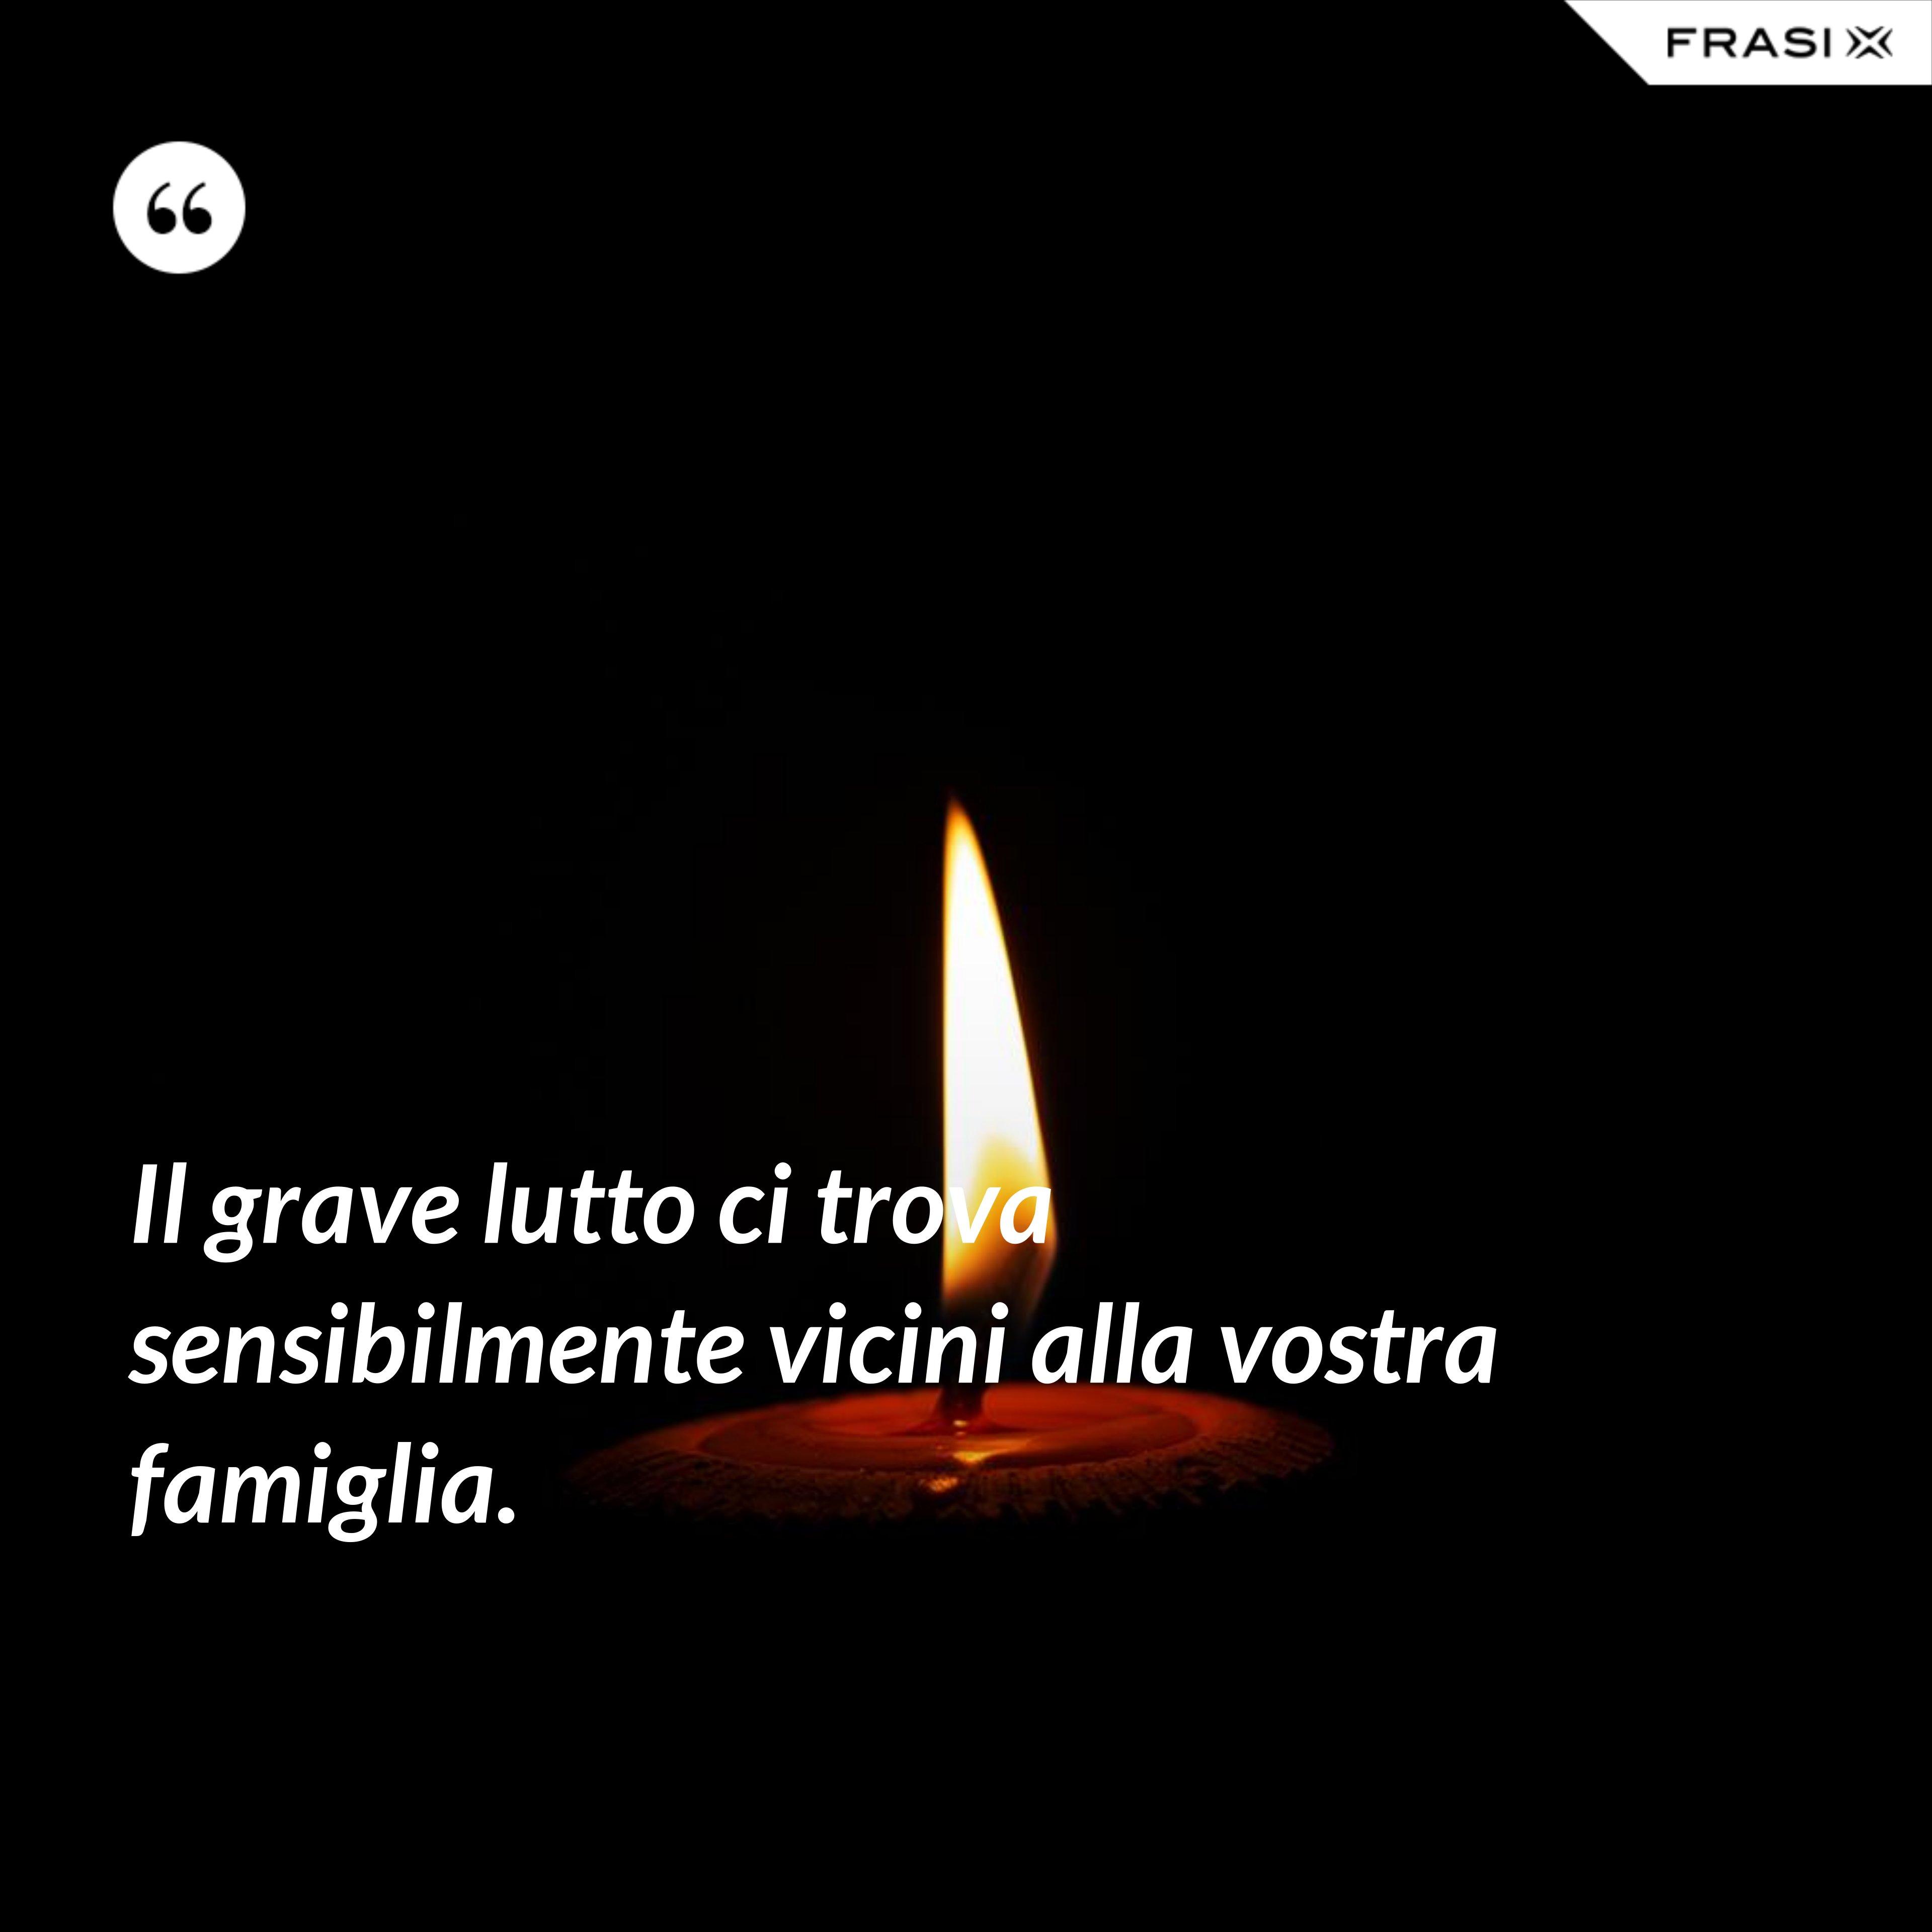 Il grave lutto ci trova sensibilmente vicini alla vostra famiglia. - Anonimo